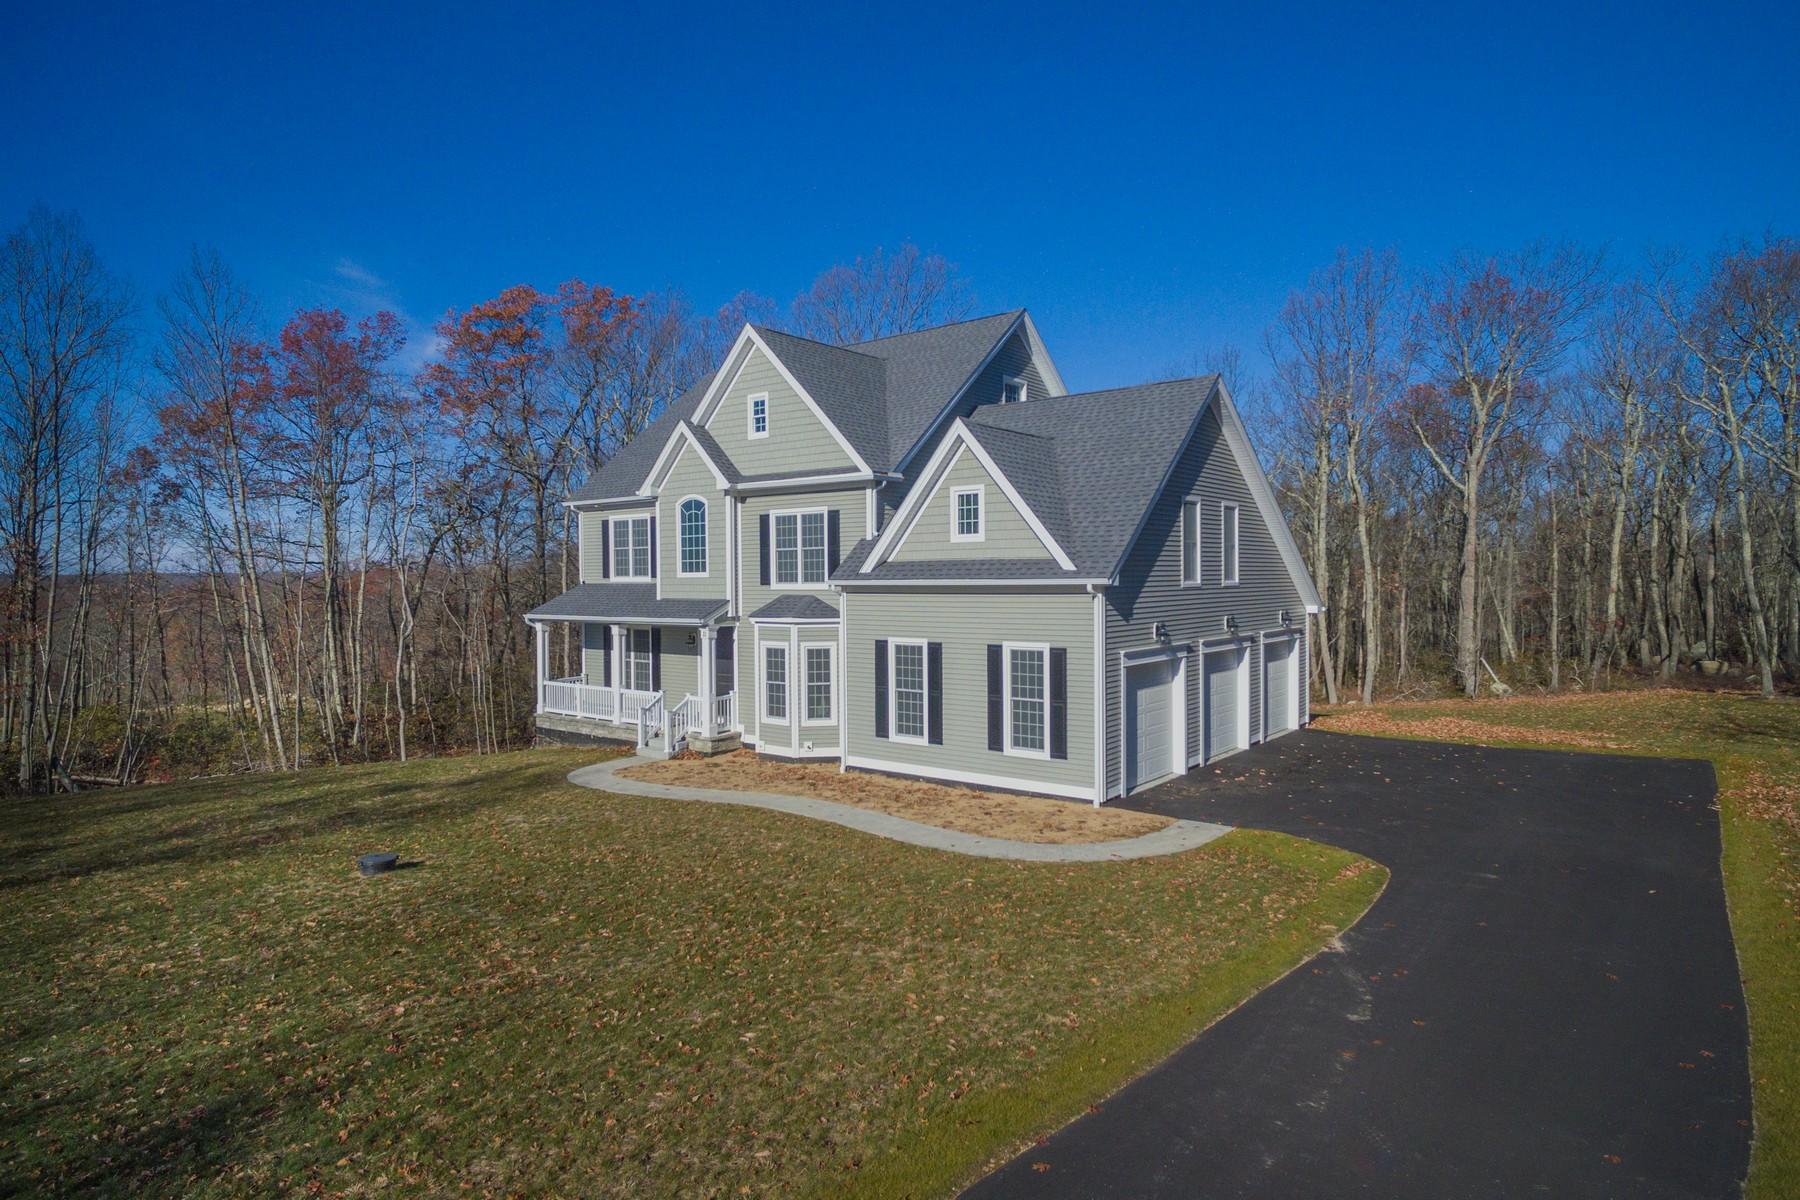 단독 가정 주택 용 매매 에 Custom Designed Colonial 11 Partridge Ct East Lyme, 코네티컷, 06333 미국